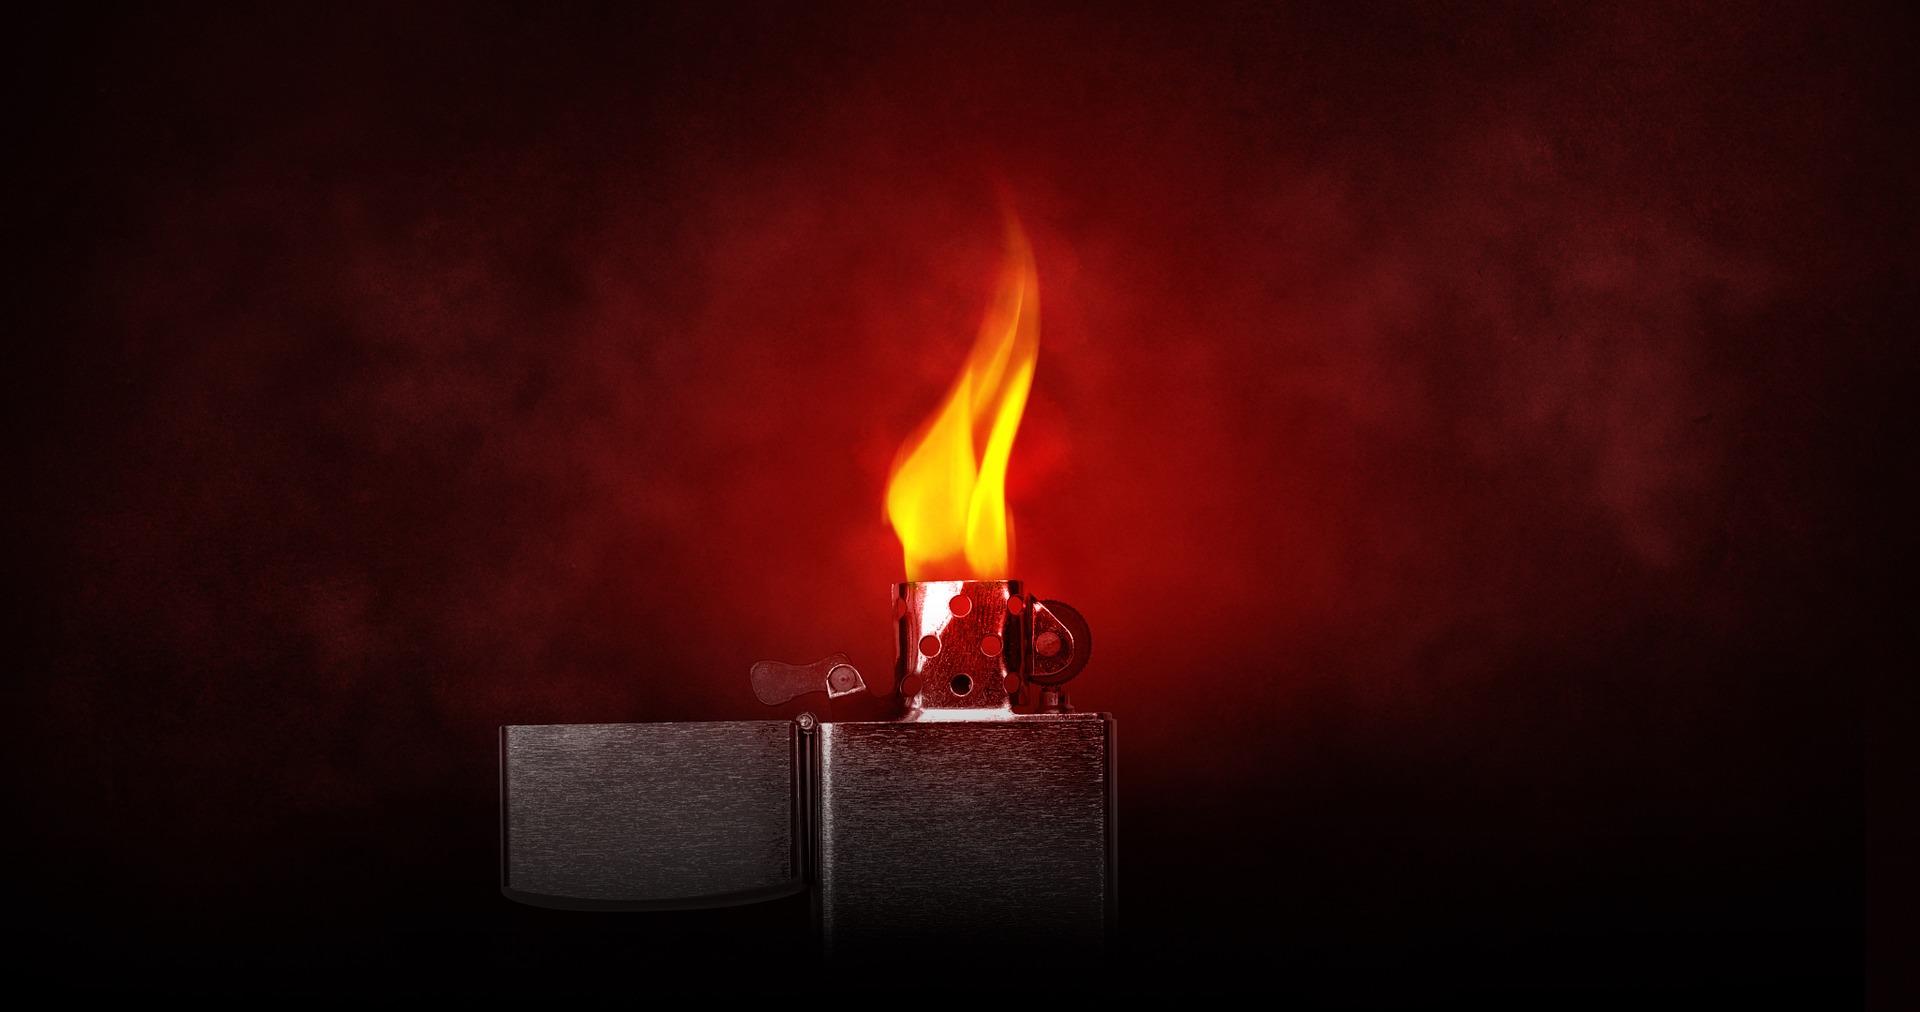 放火犯の実際の方法や手口、放火の対処方法や時効について解説!